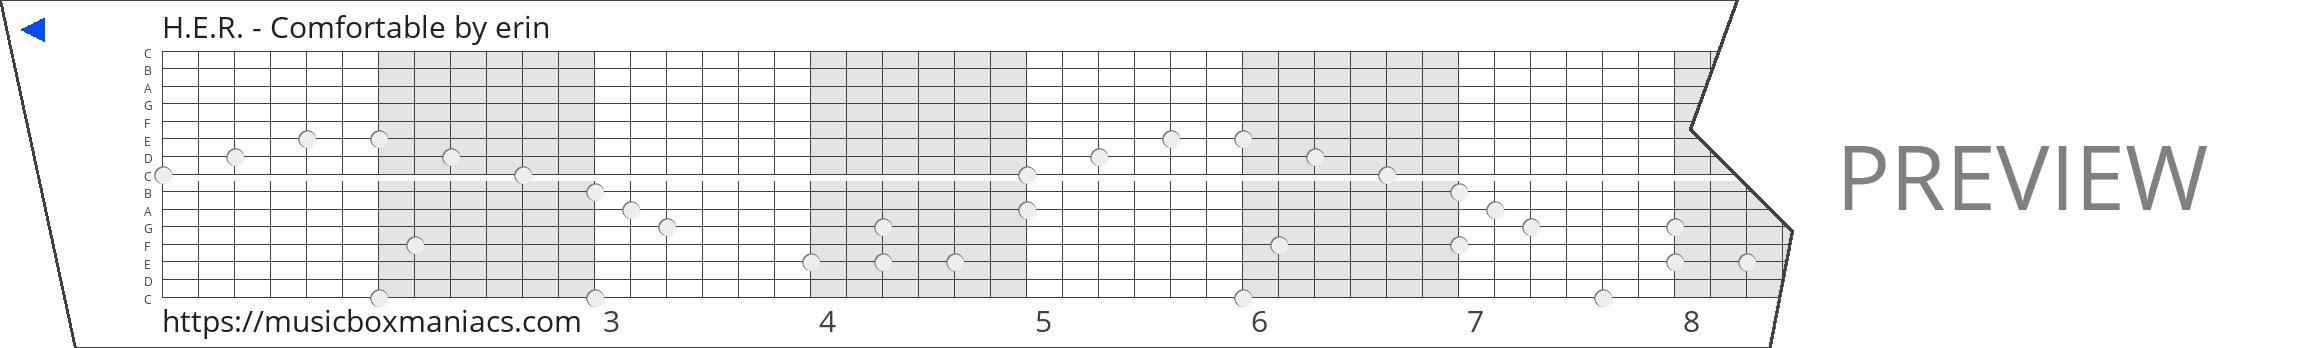 H.E.R. - Comfortable 15 note music box paper strip